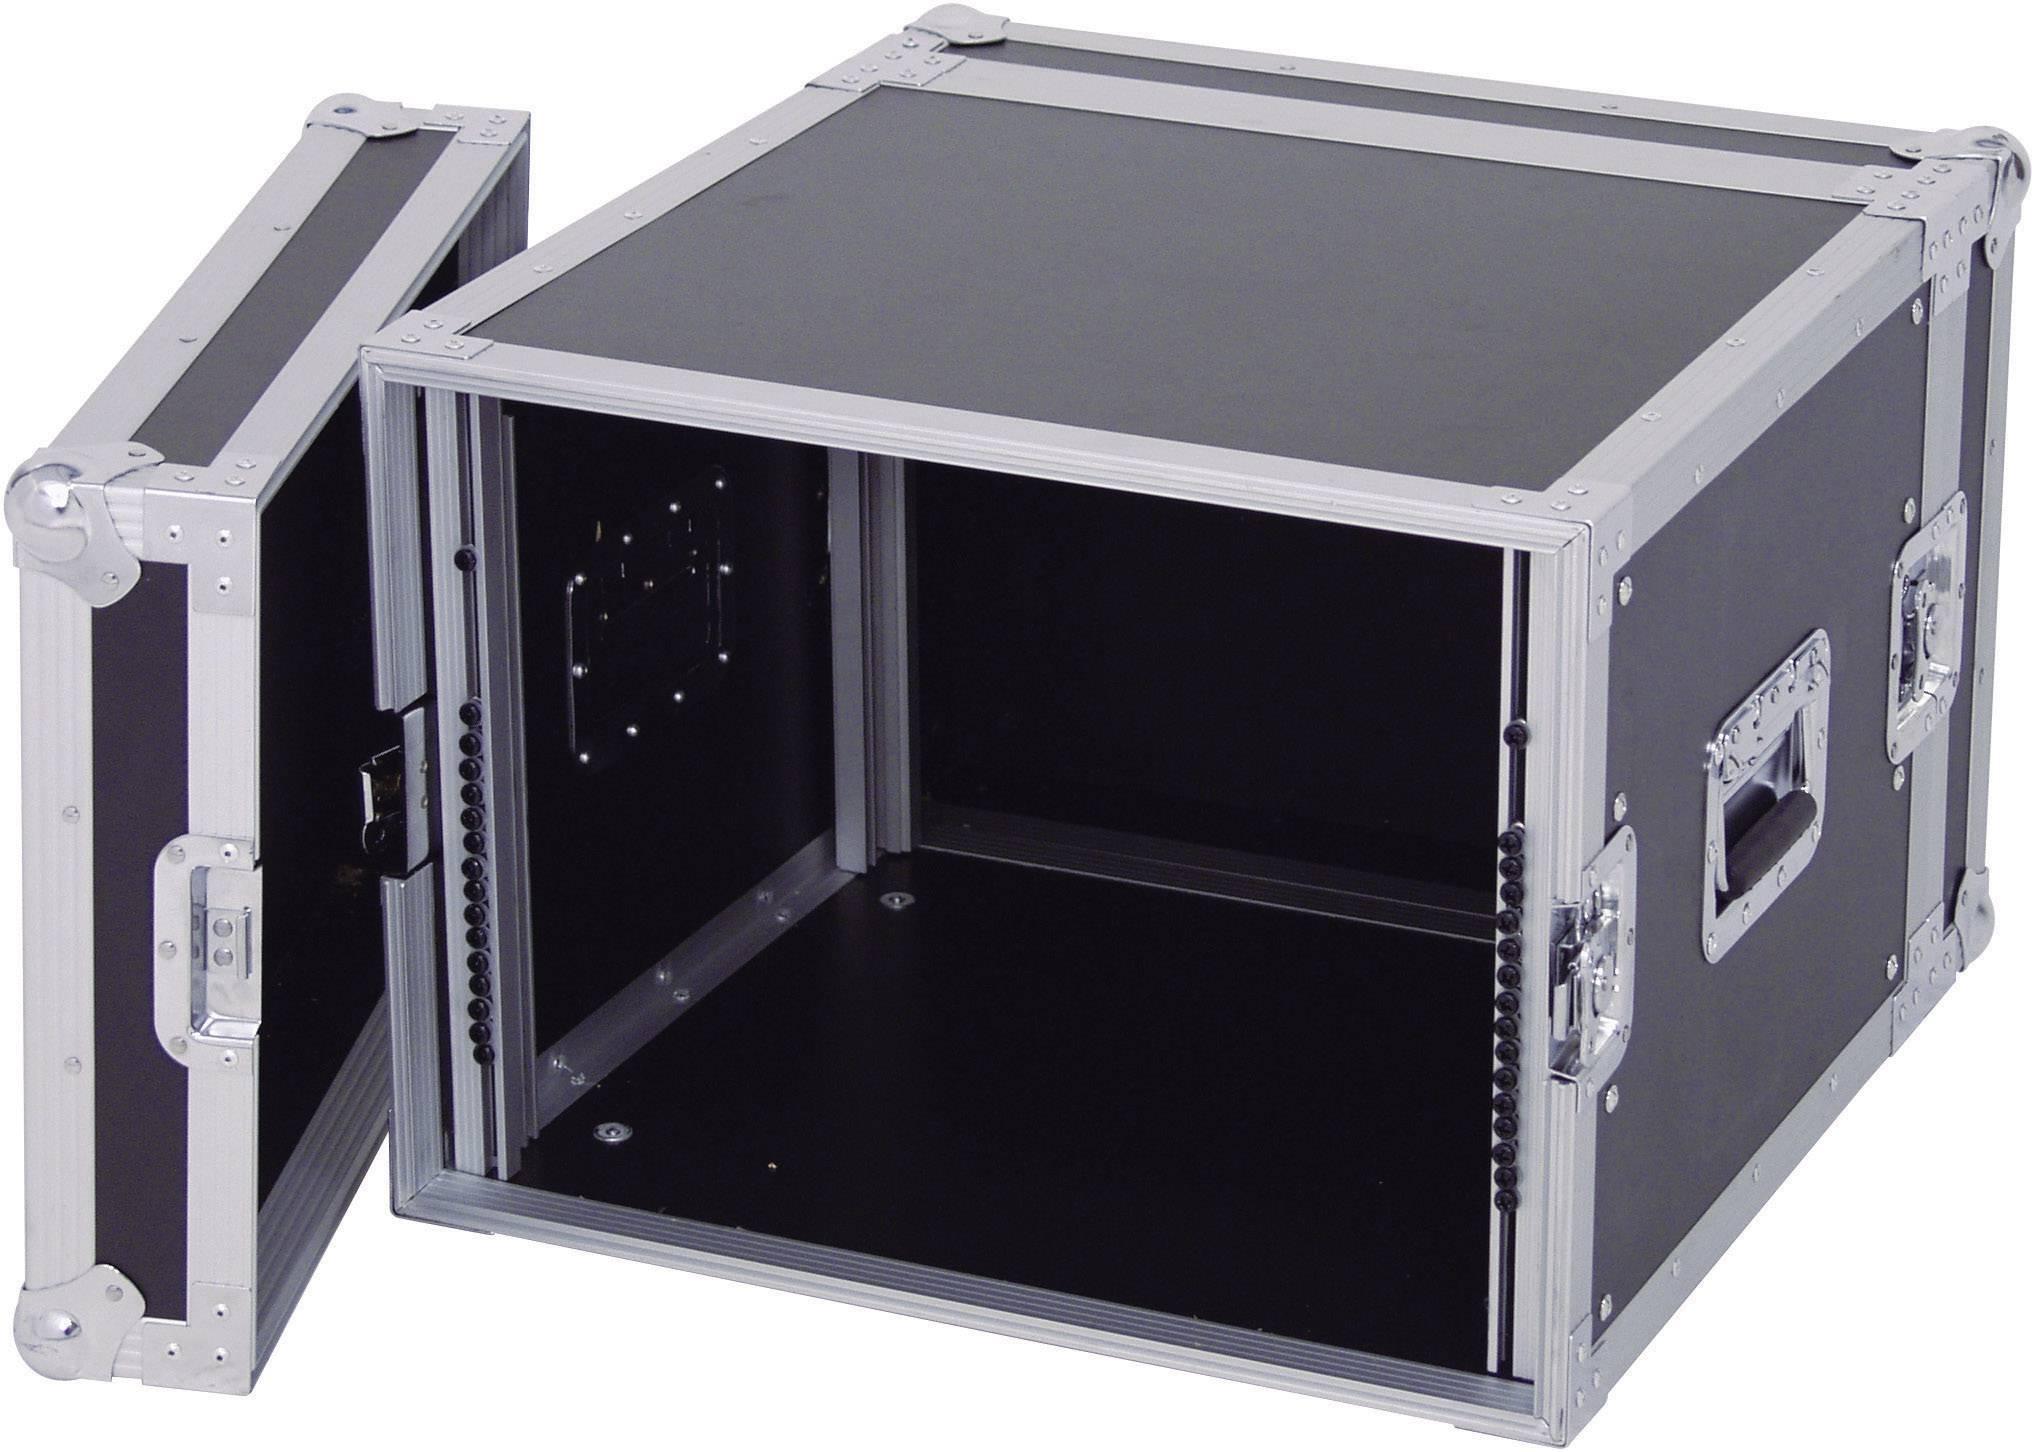 19-palcový rack na zosilňovače 30109788 360005, 8 U, drevo